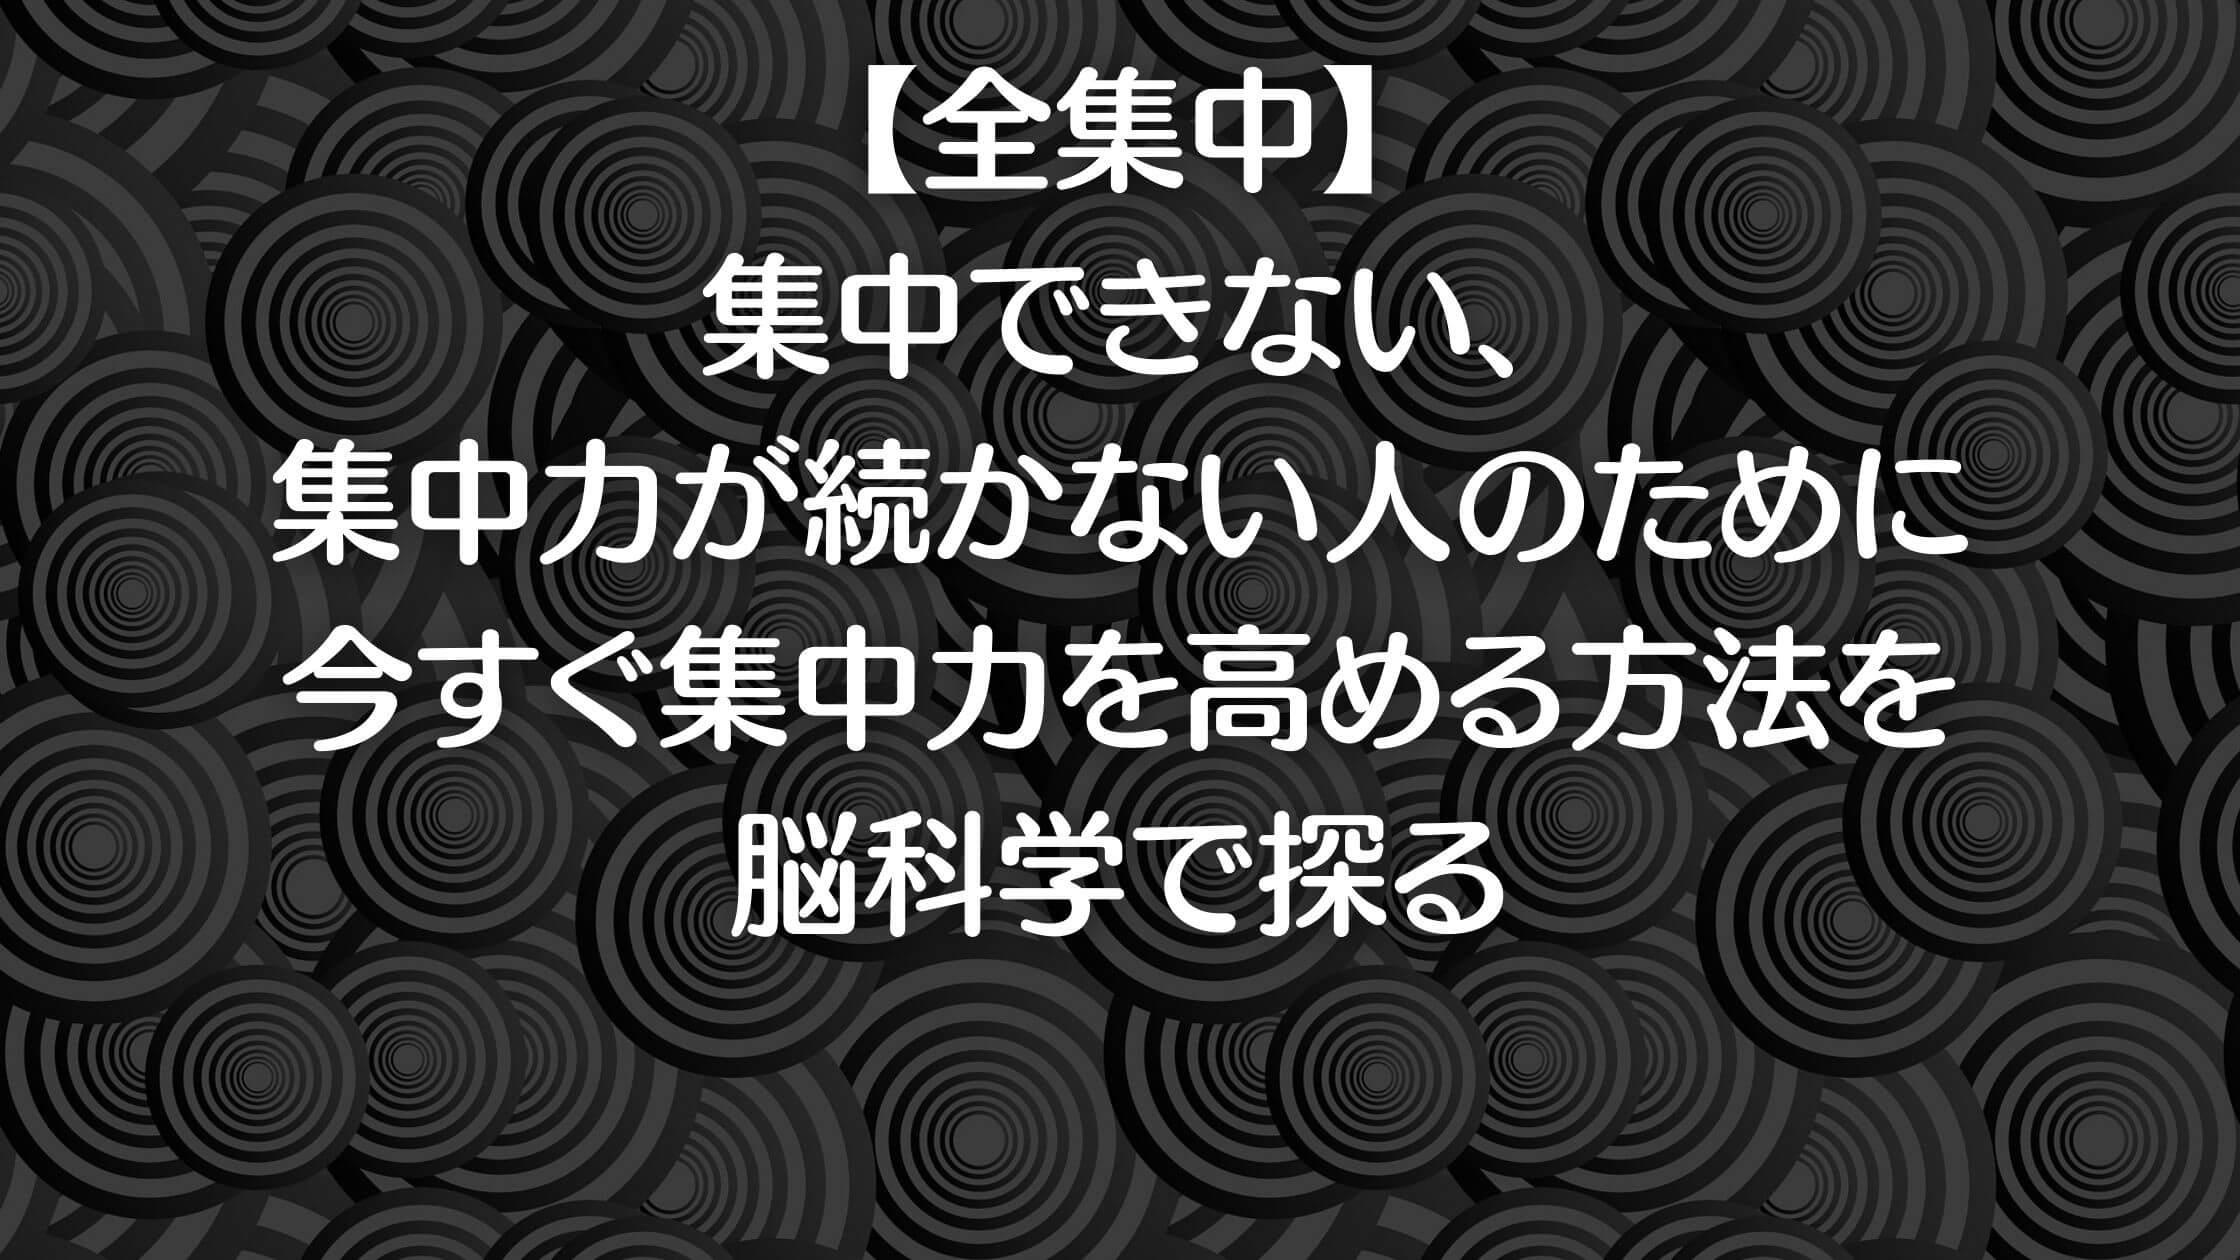 集中力-A1